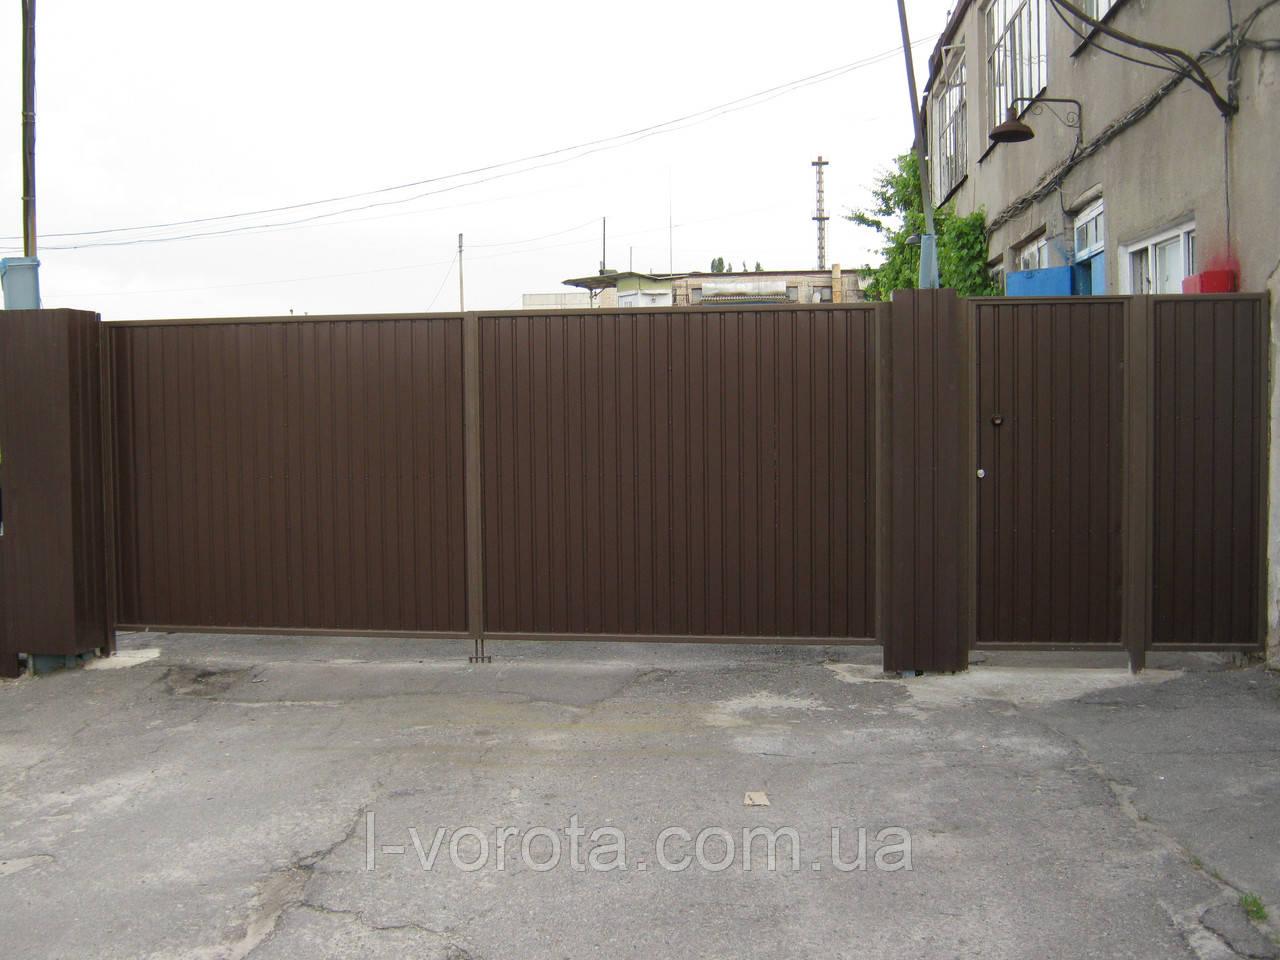 Распашные ворота 4500×2000 (дизайн профлист)